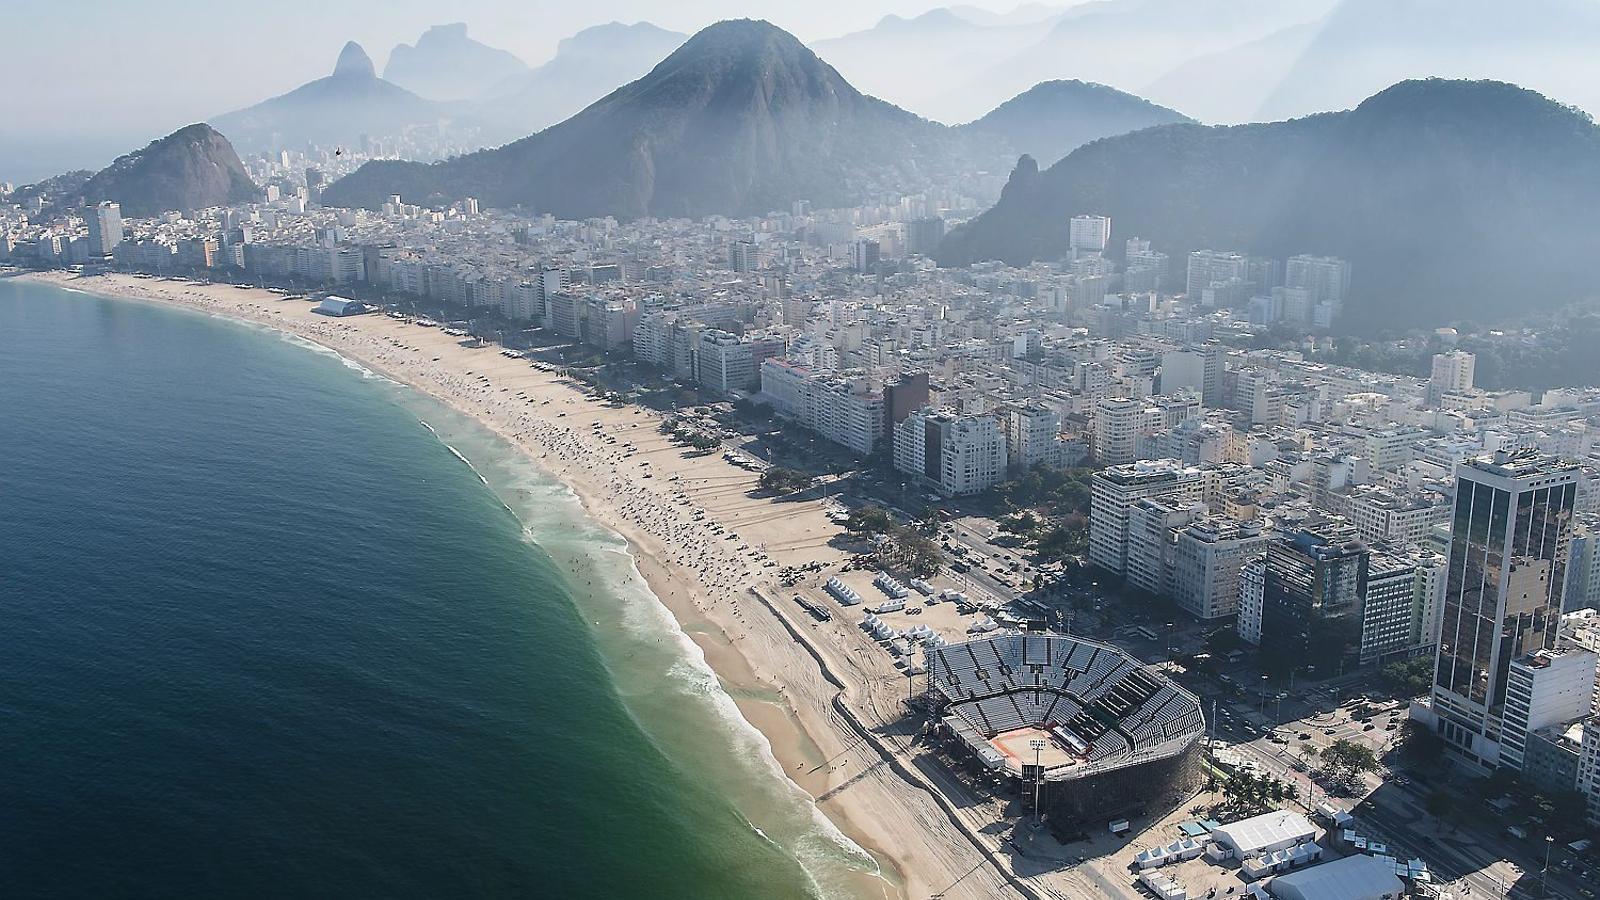 Visió aèria de la platja de Copacabana, amb l'estadi que acollirà els partits de voleibol platja, a Rio de Janeiro.